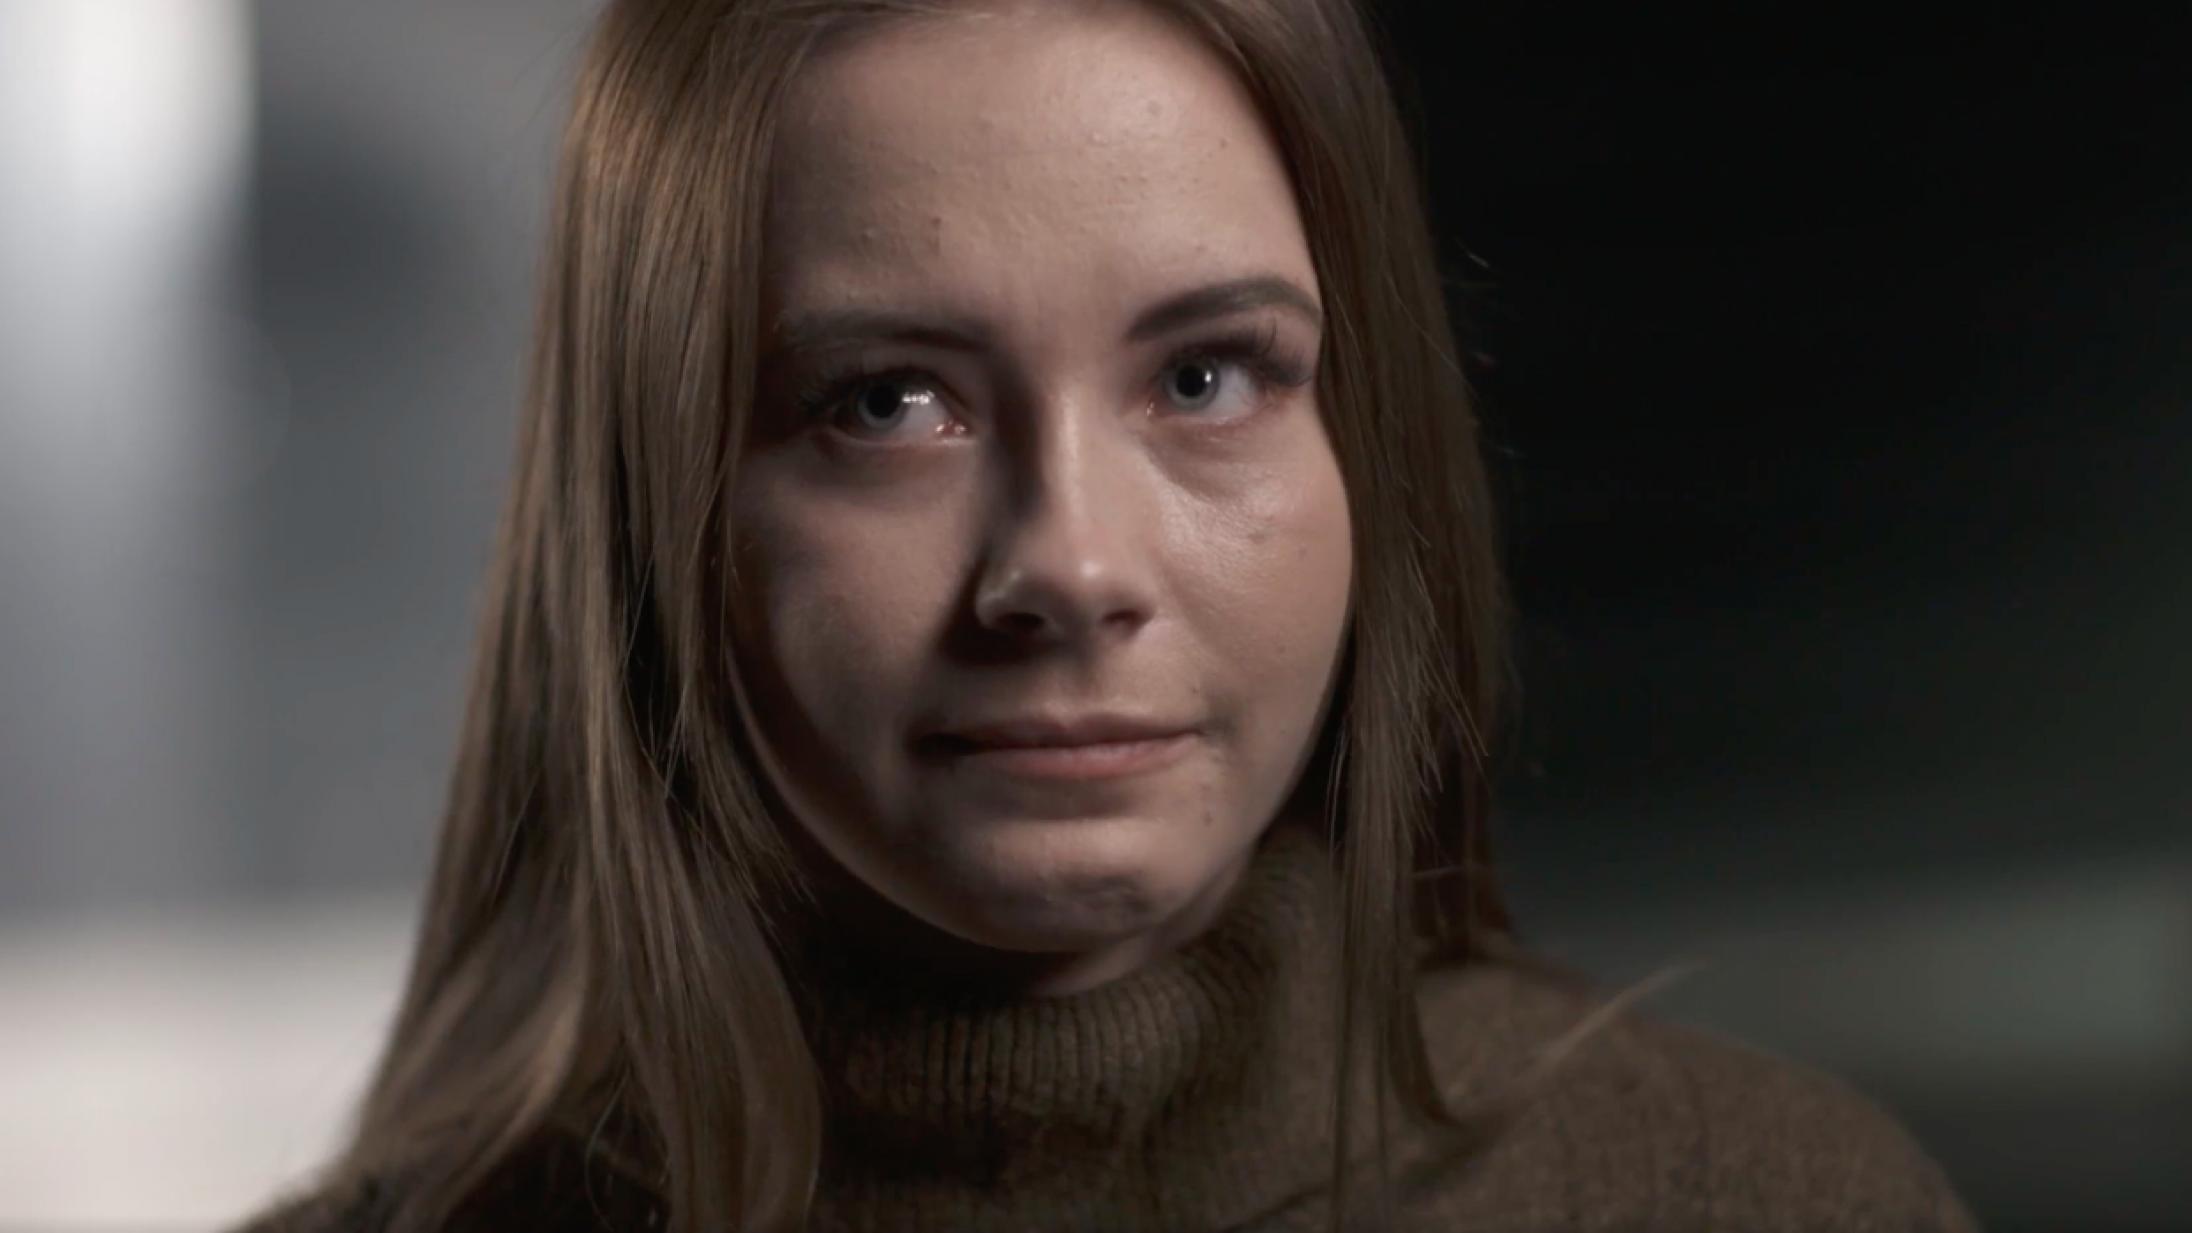 TV 2 afslører voldsom krænkelseskultur i danske ungdomspartier – se traileren til 'Partiernes skjulte overgreb'